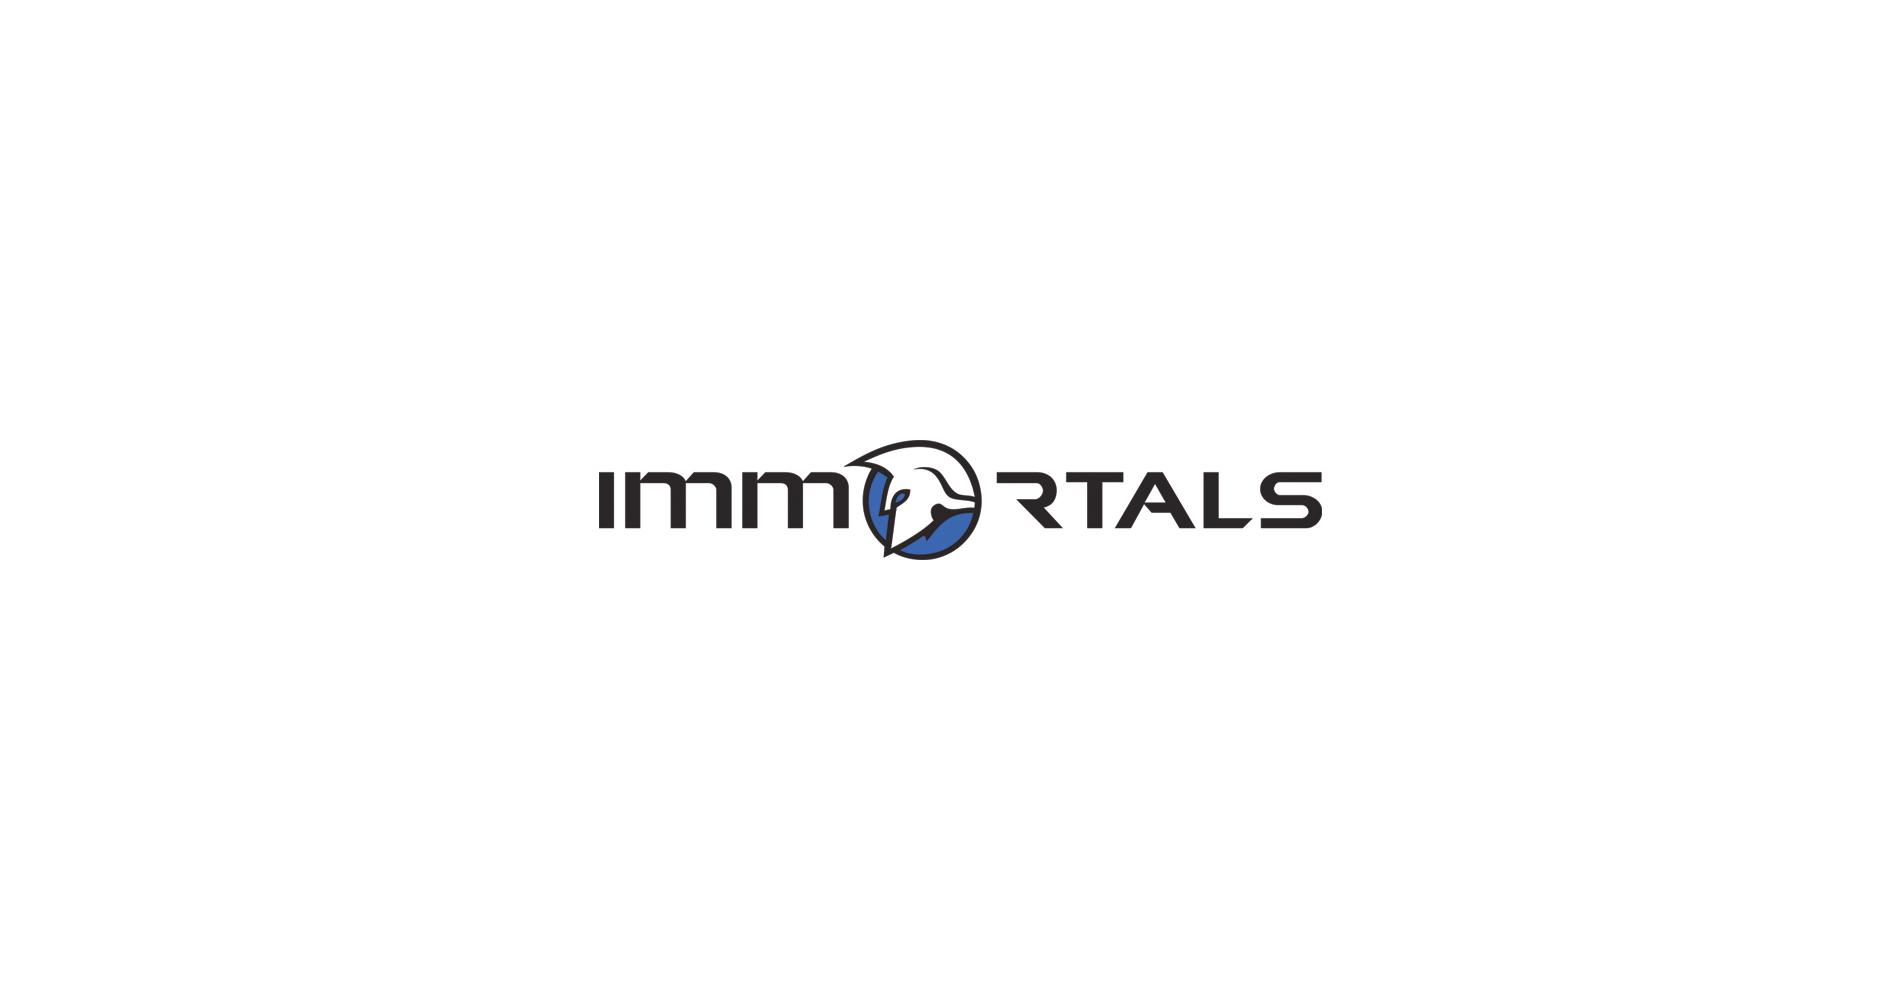 immortals_logo.png